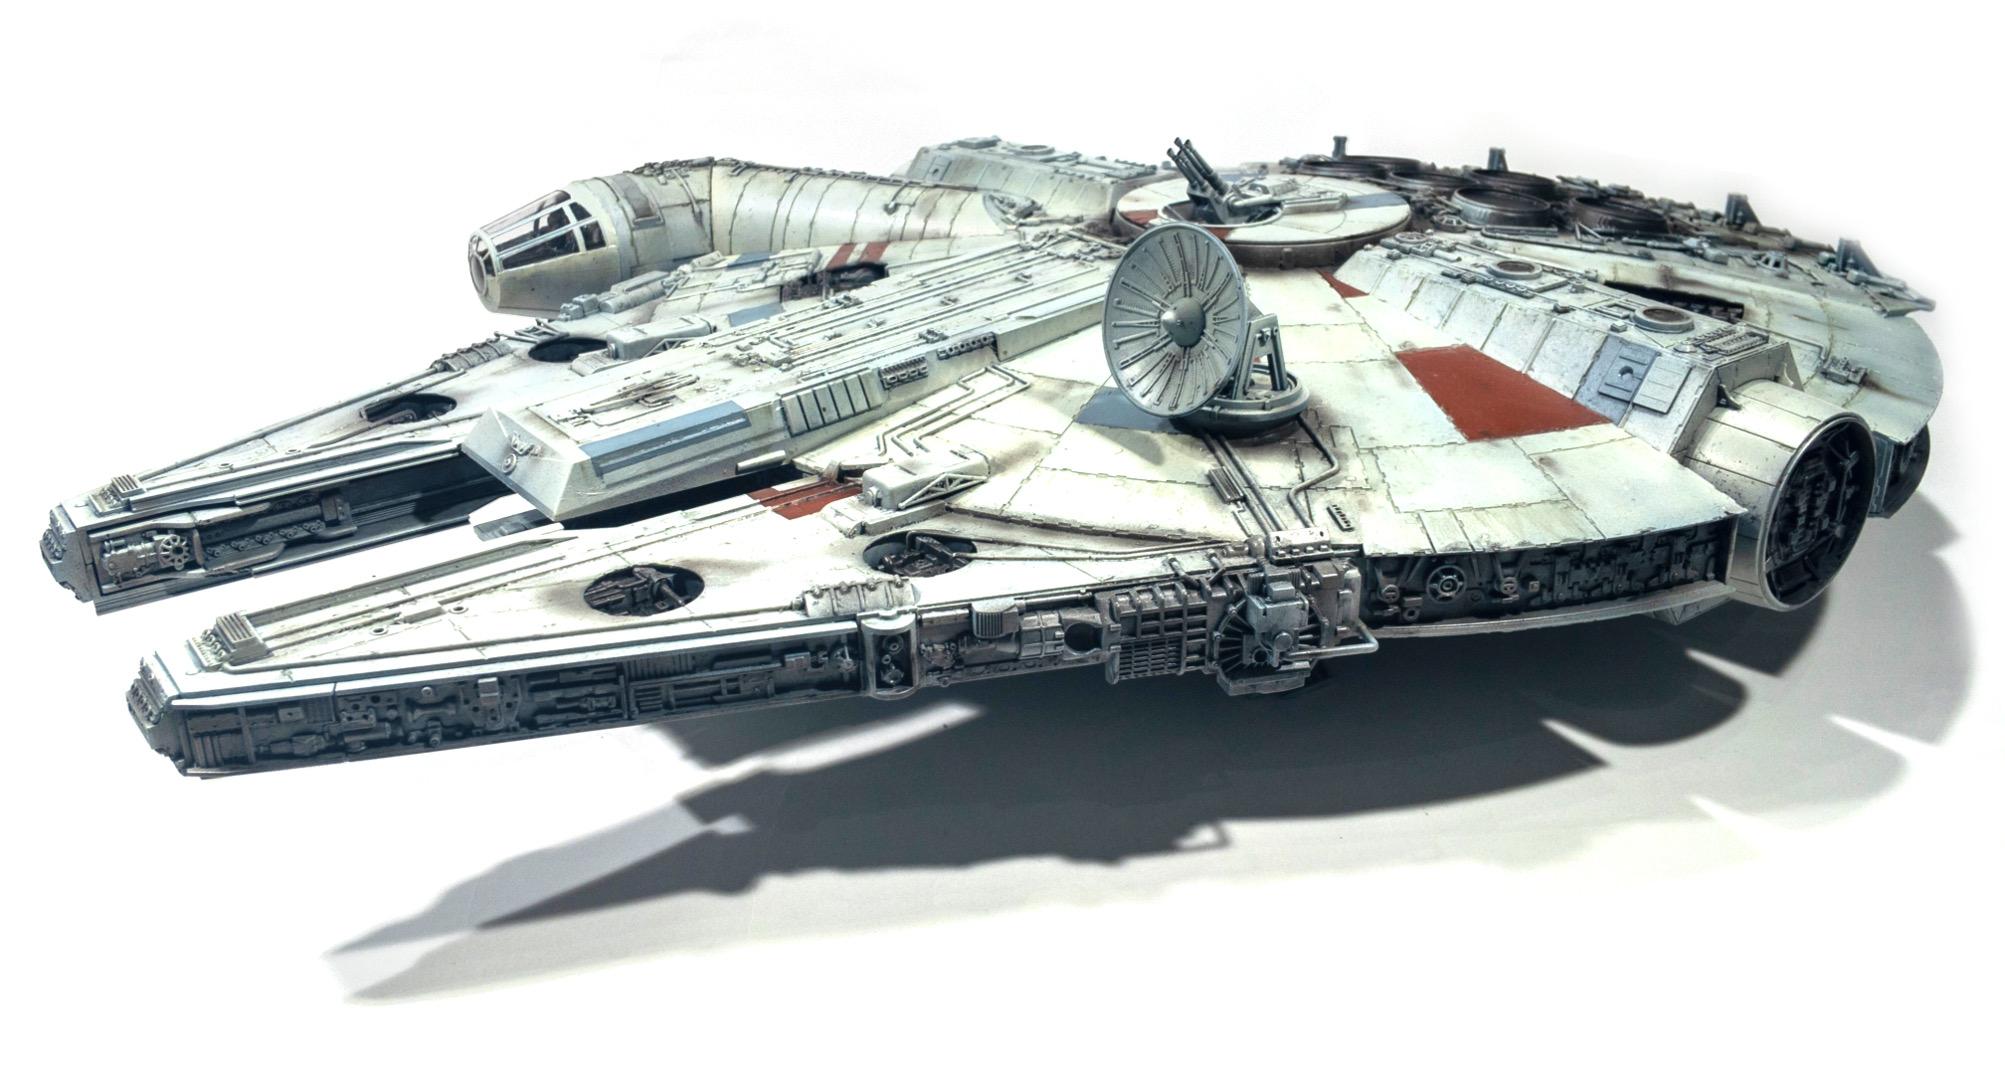 Millennium falcon, front left view